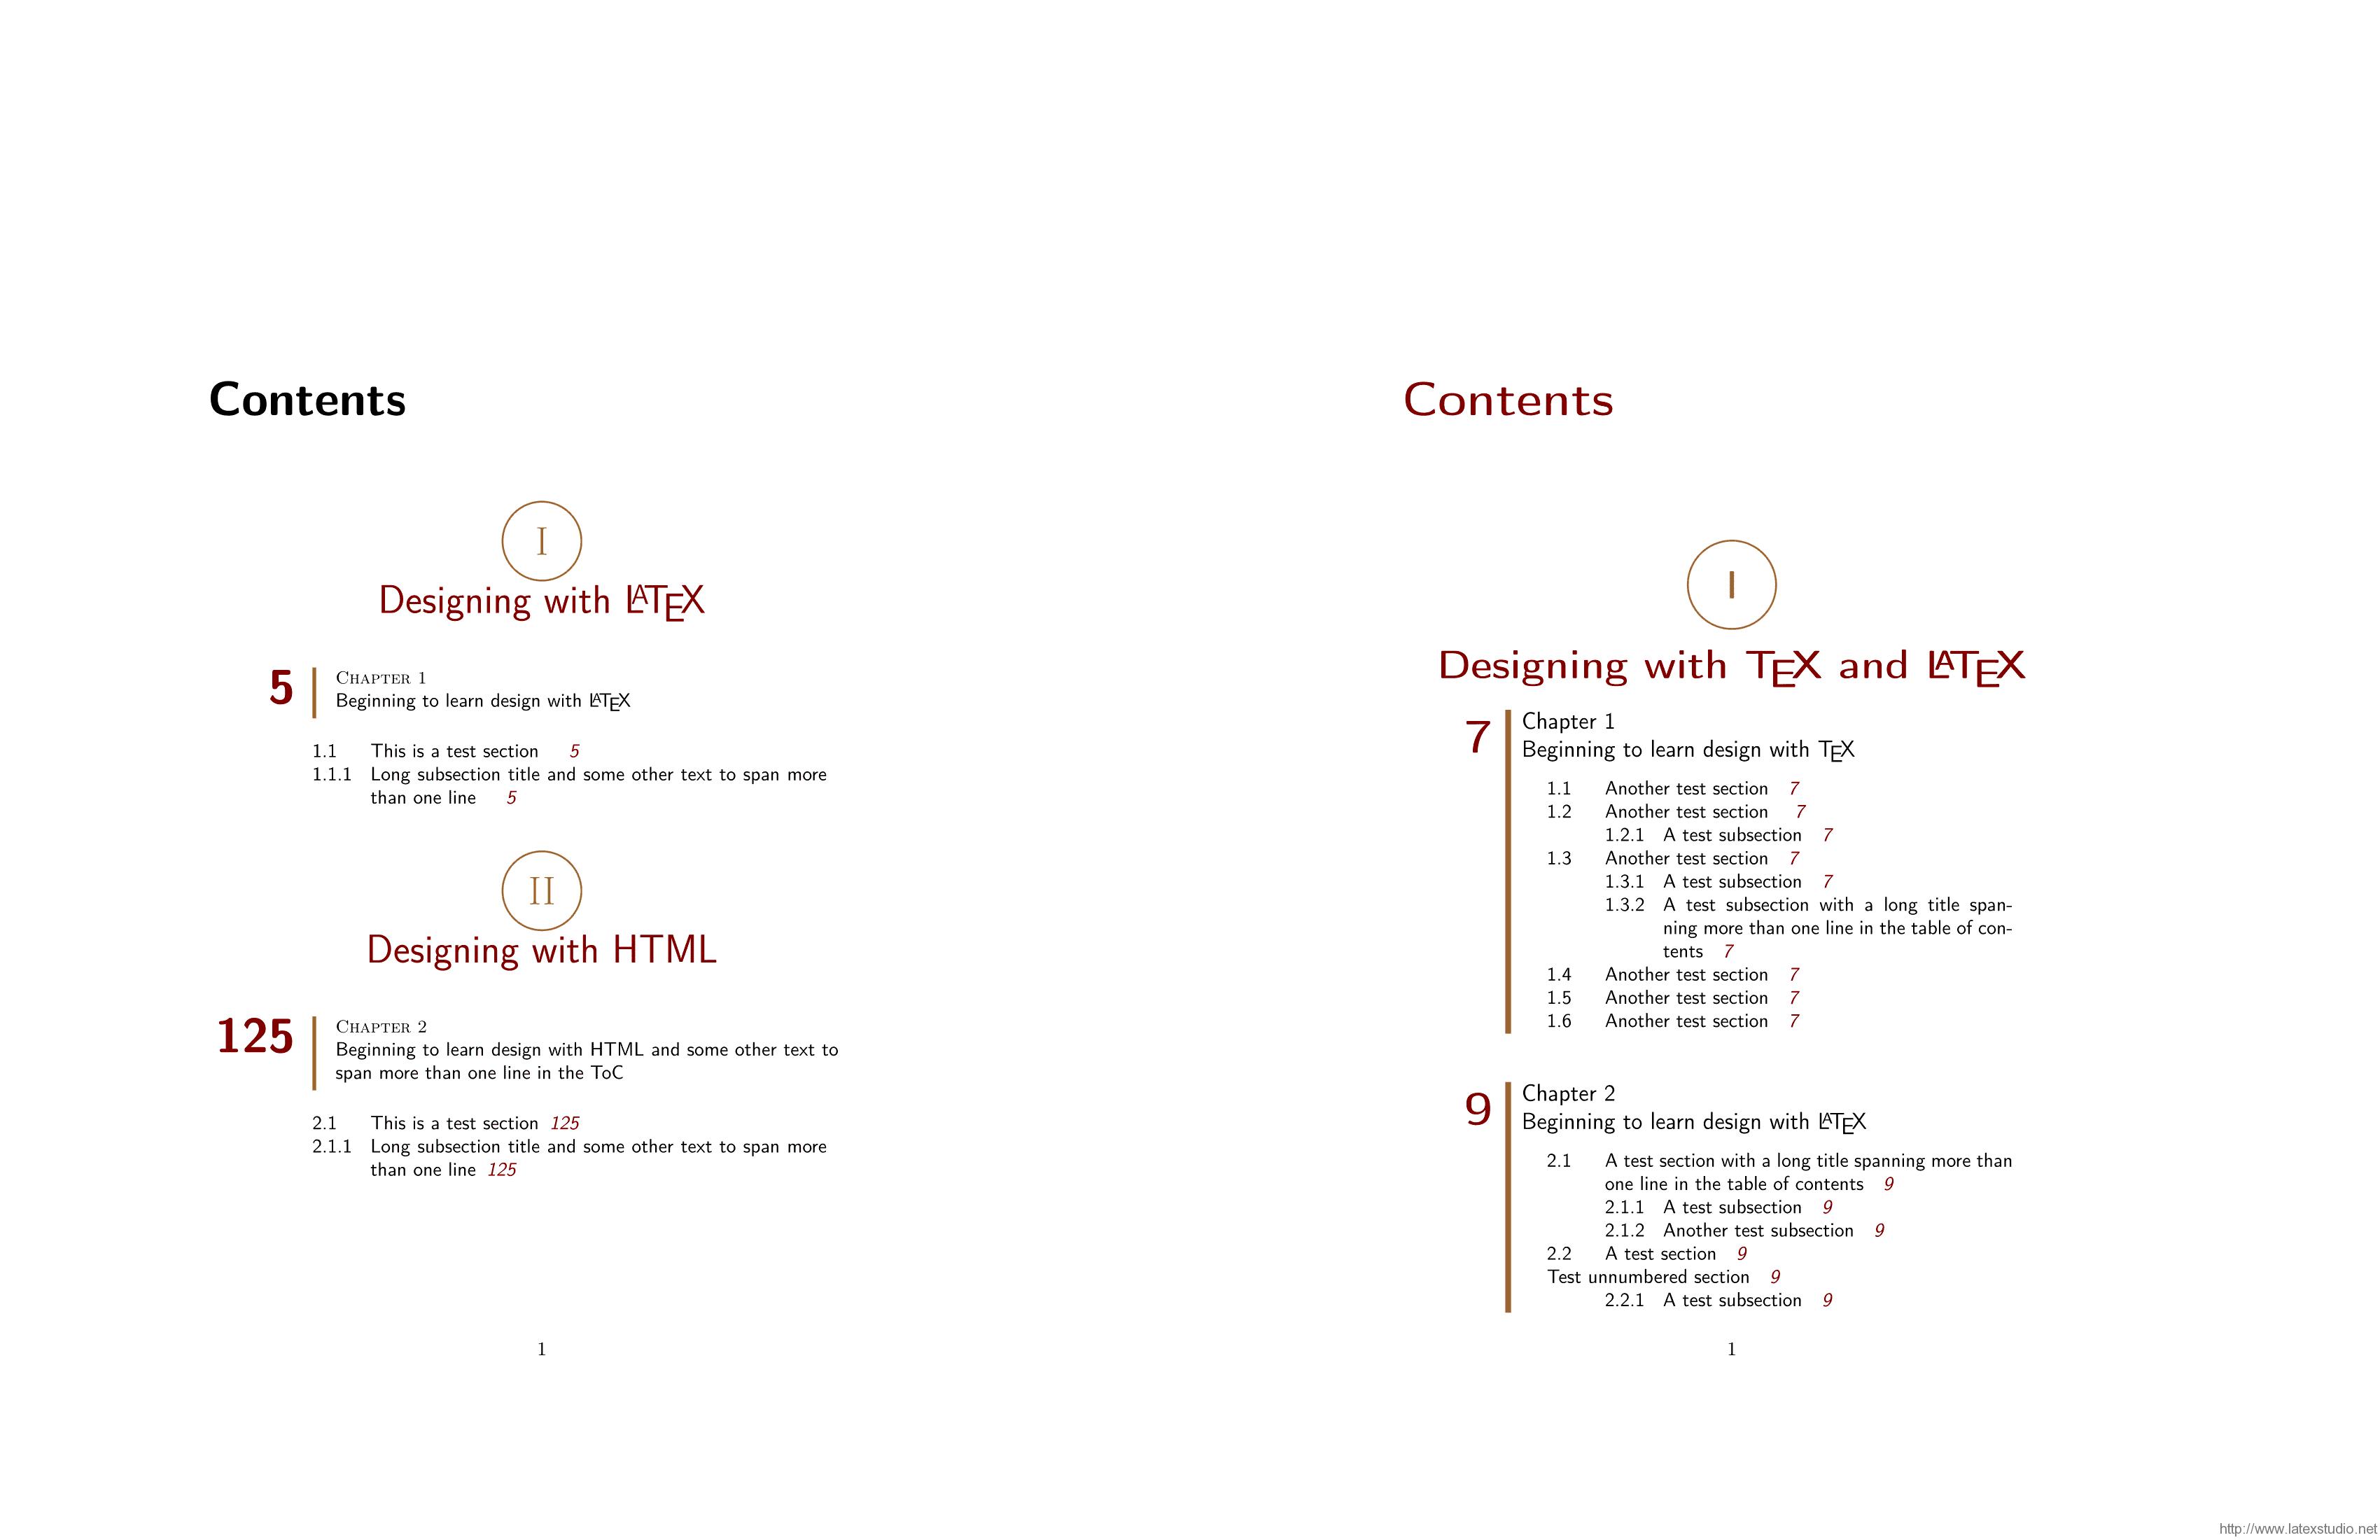 tocdesign